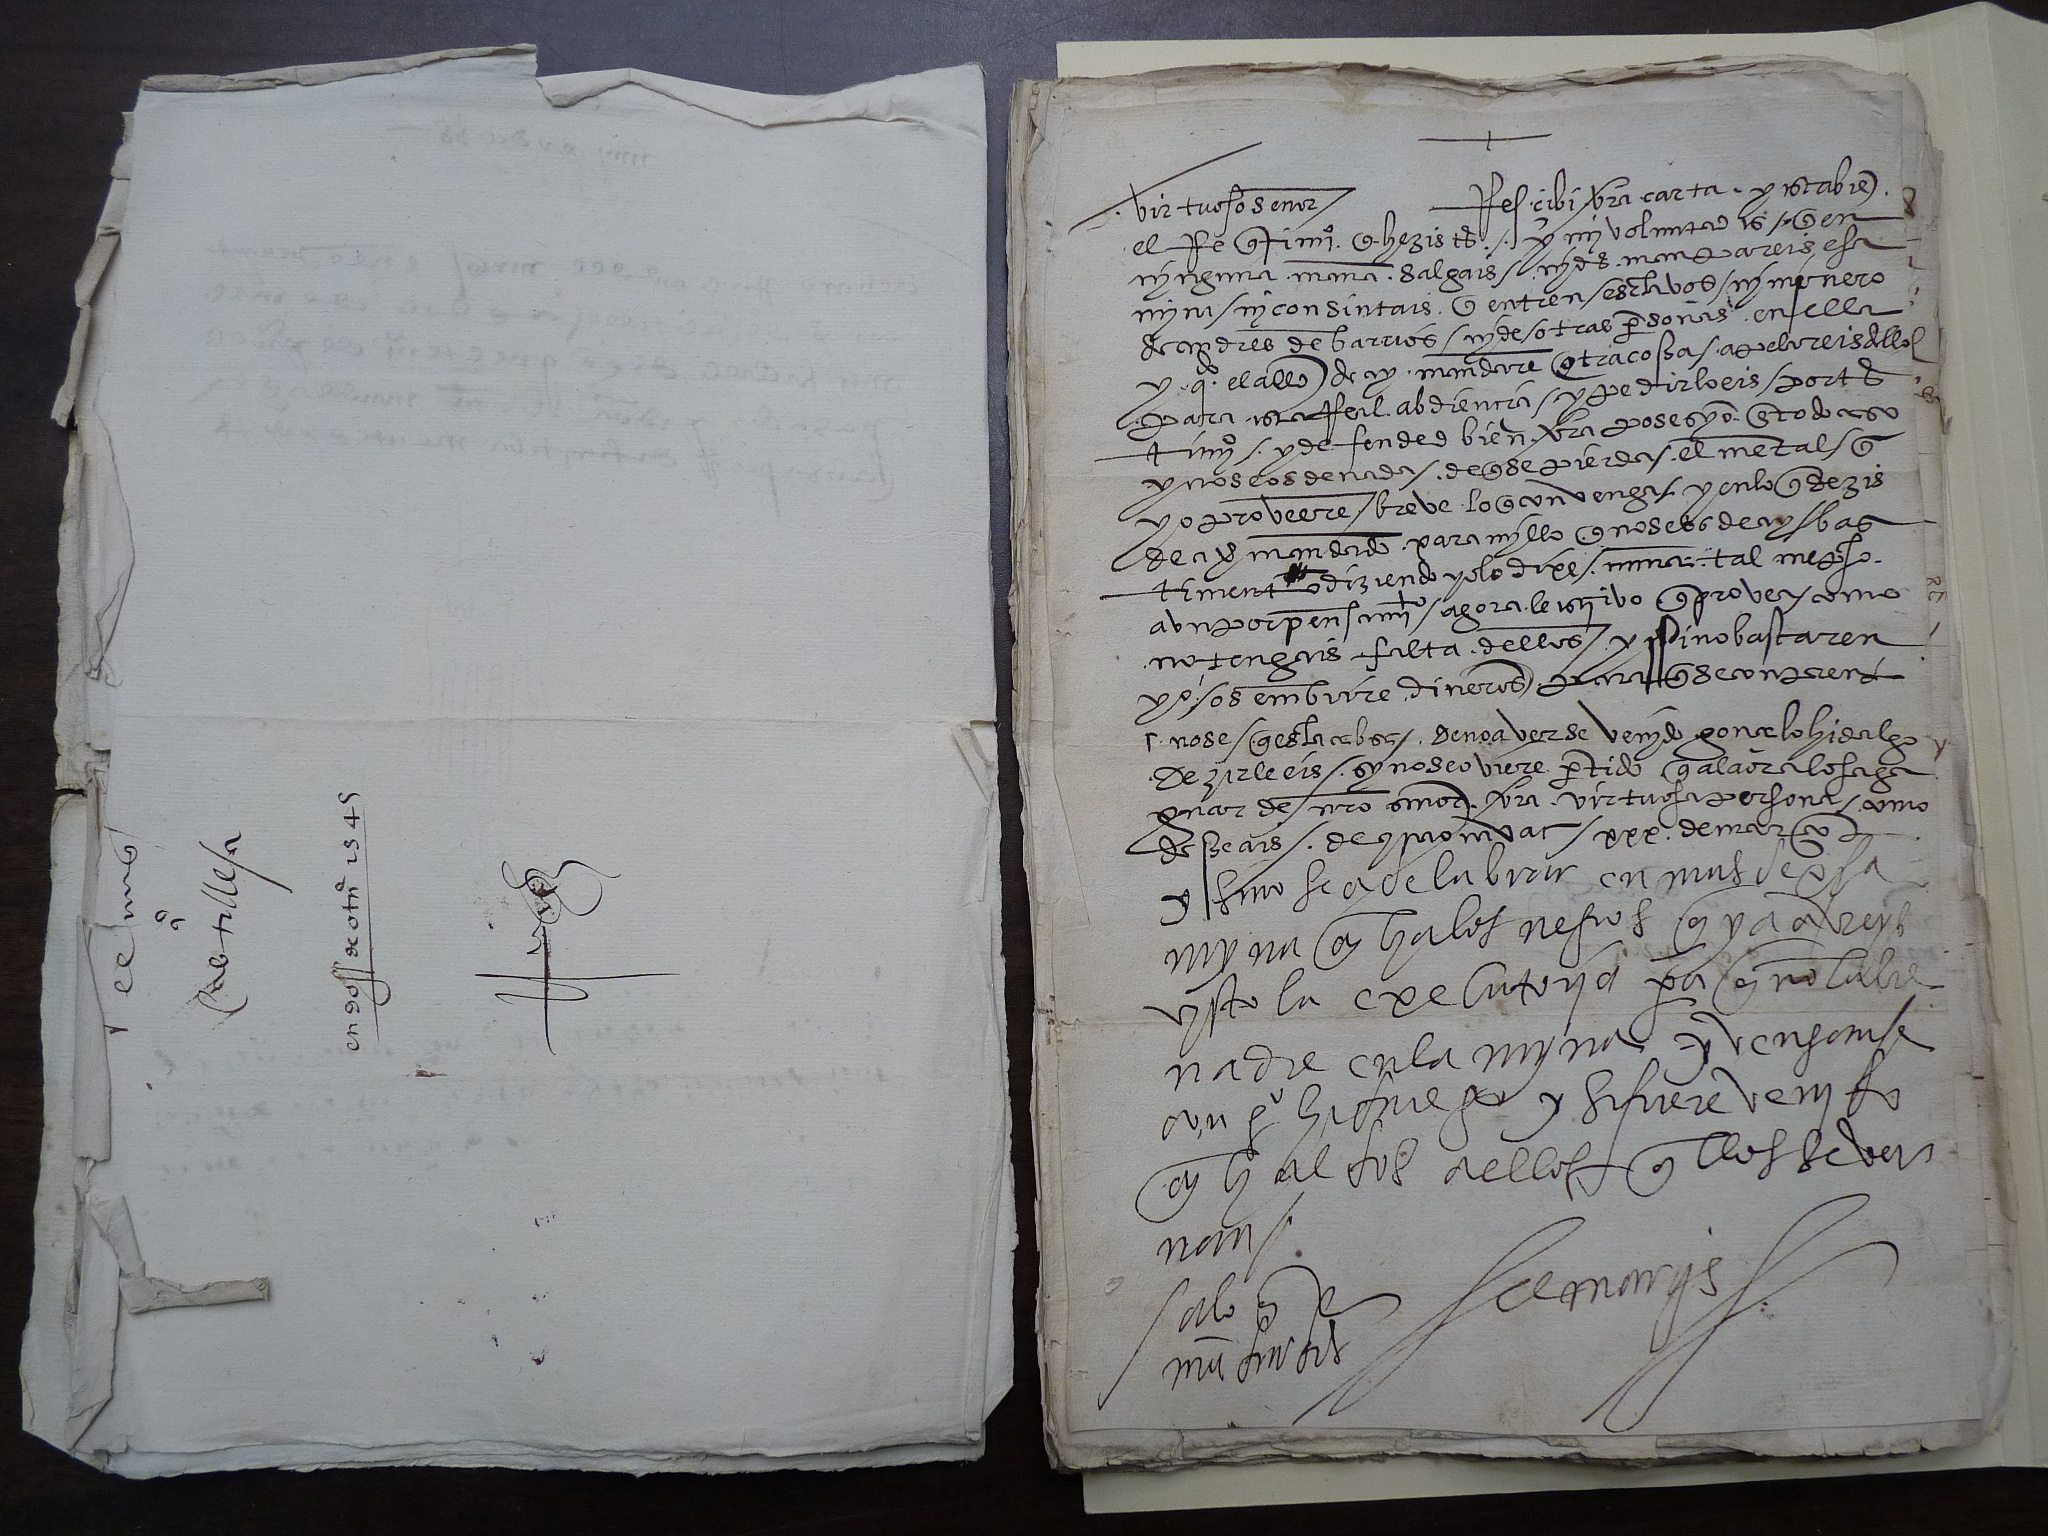 A Hernan Cortes letter, signed